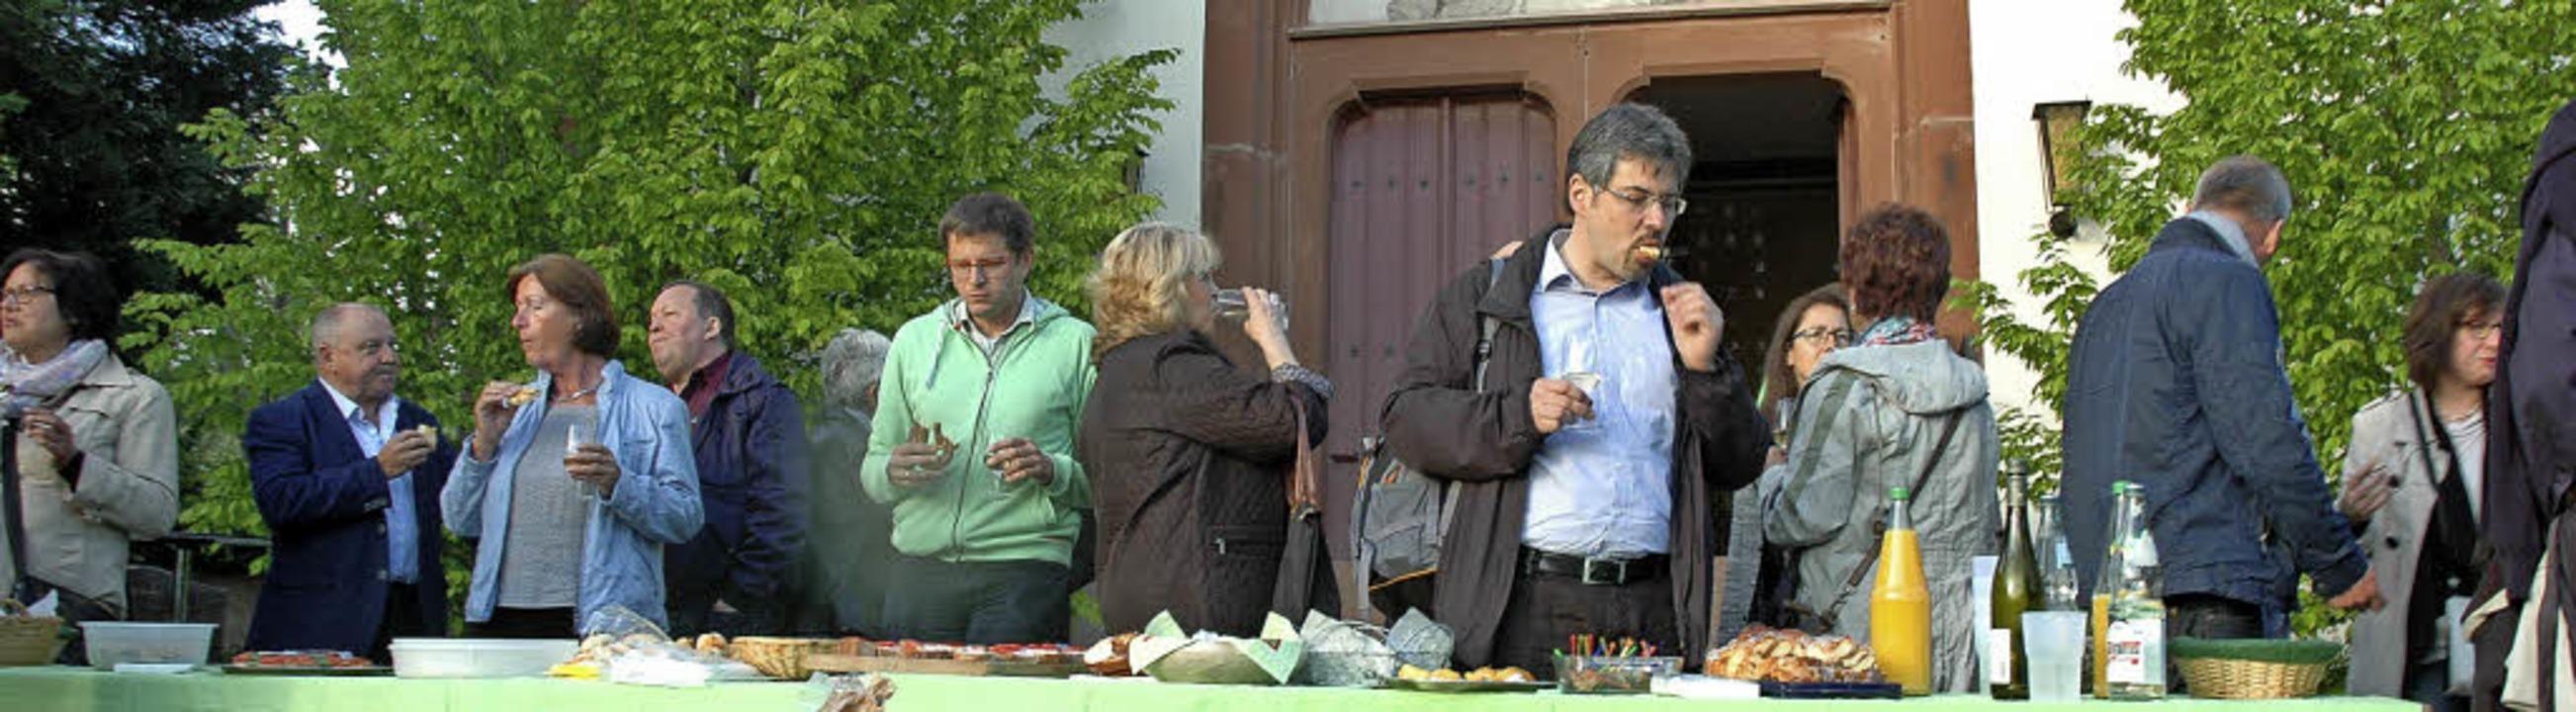 In den Pausen zwischen den Programmpun...s Snacks und Gelegenheit zum Gespräch.  | Foto: Regine Ounas-Kräusel